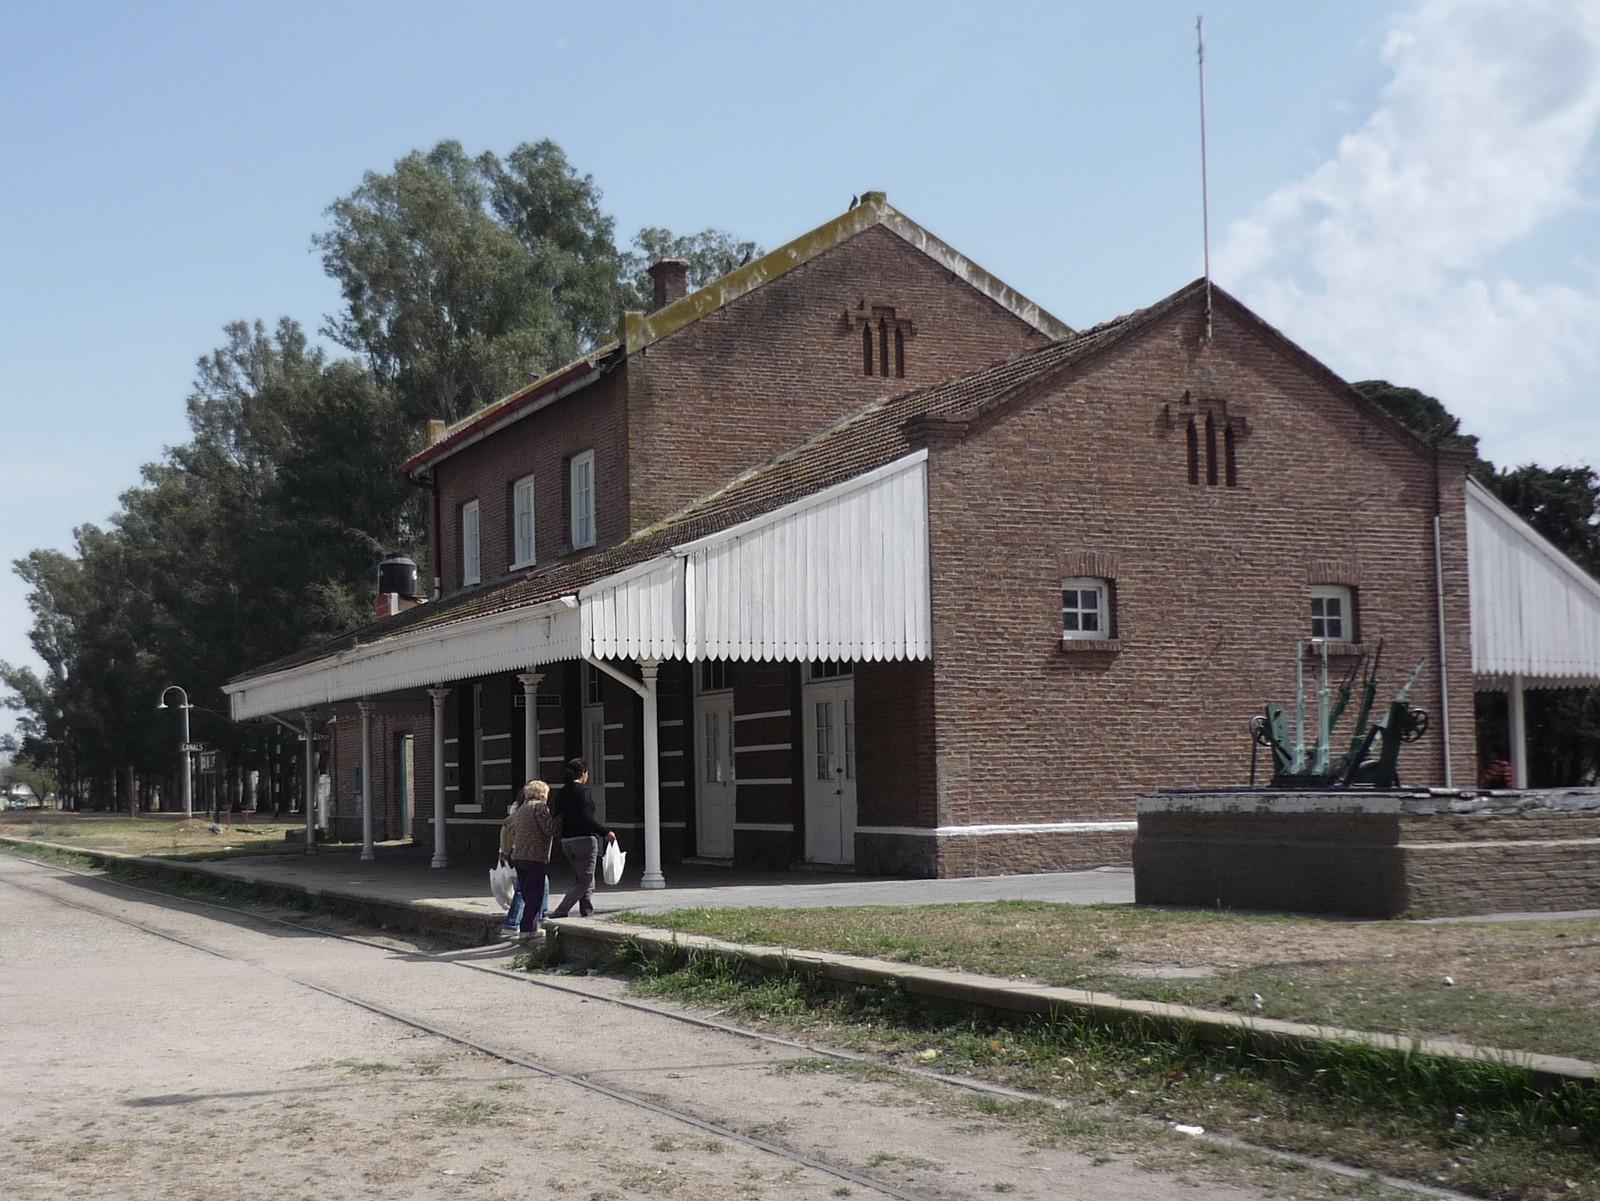 Lacrimaciones en el 2005: Reina de la Paz de Canals, Córdoba, Argentina (18 mar)